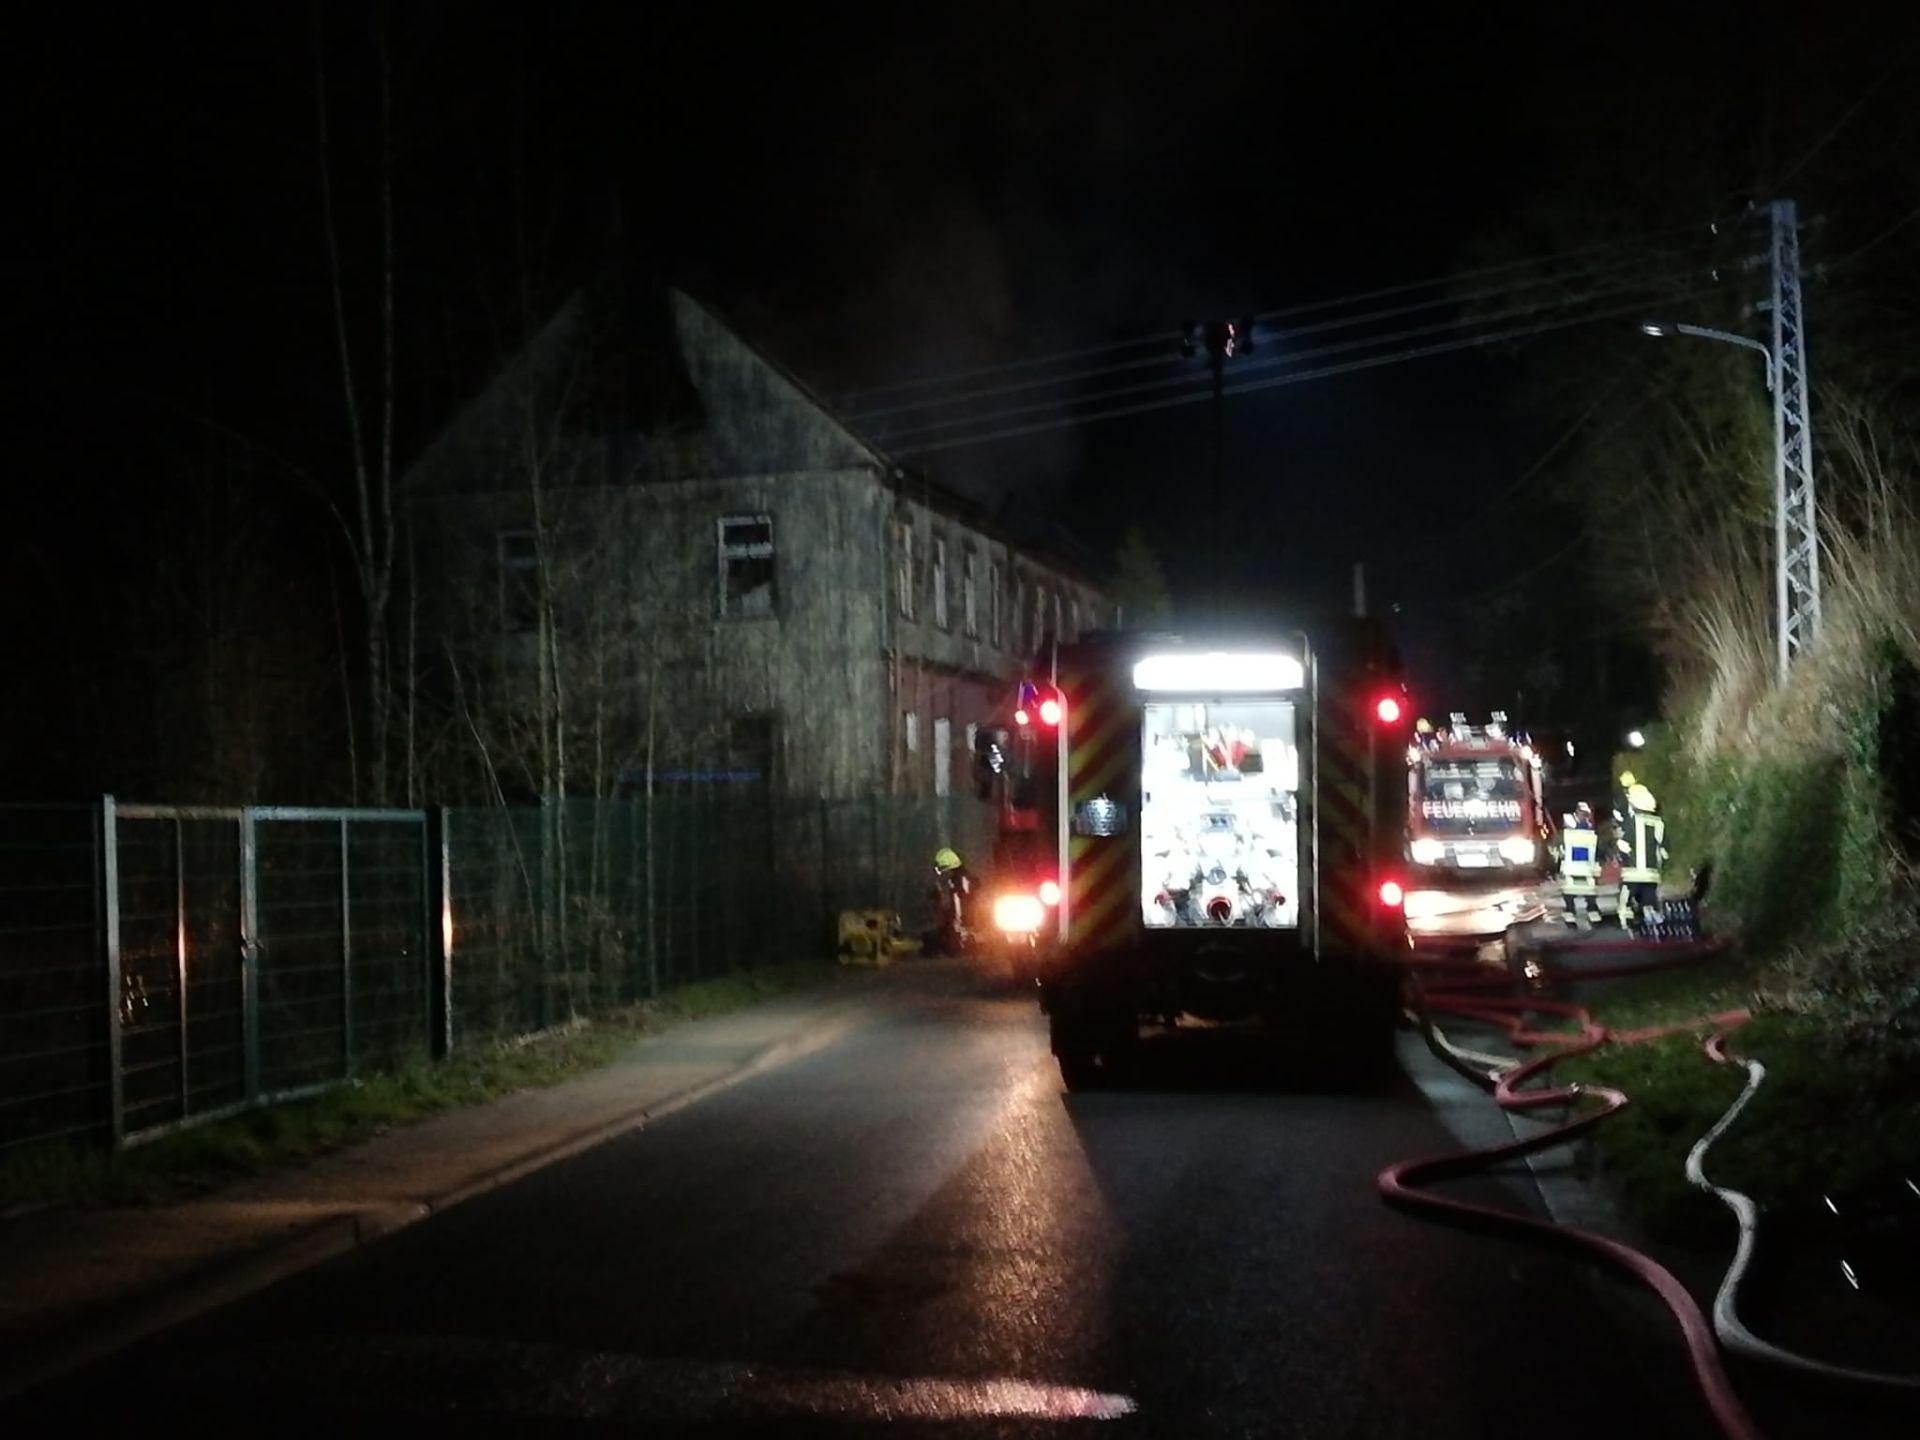 Zur Bandbekämpfung im Papiermühlenweg wurden am Ostersonntag, um 00.16 Uhr, die Greizer sowie die Ortsteilfeuerwehren, darunter auch unsere Obergrochlitzer, alarmiert.